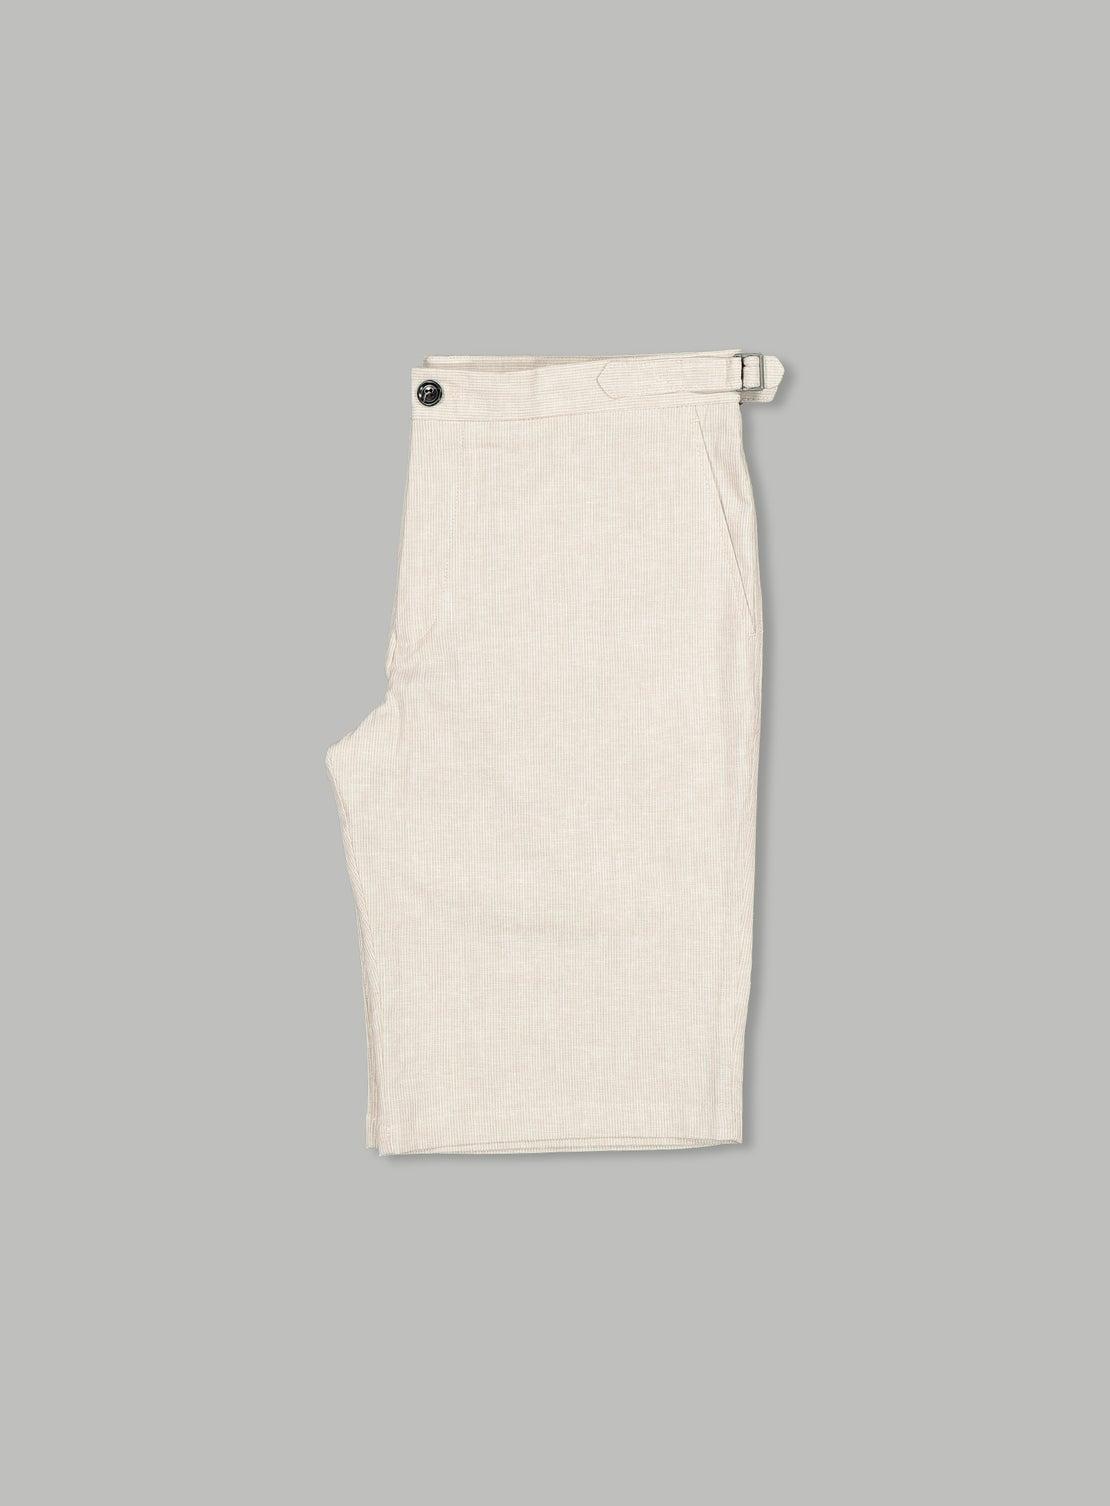 Hogan Taupe Side Adjuster Shorts